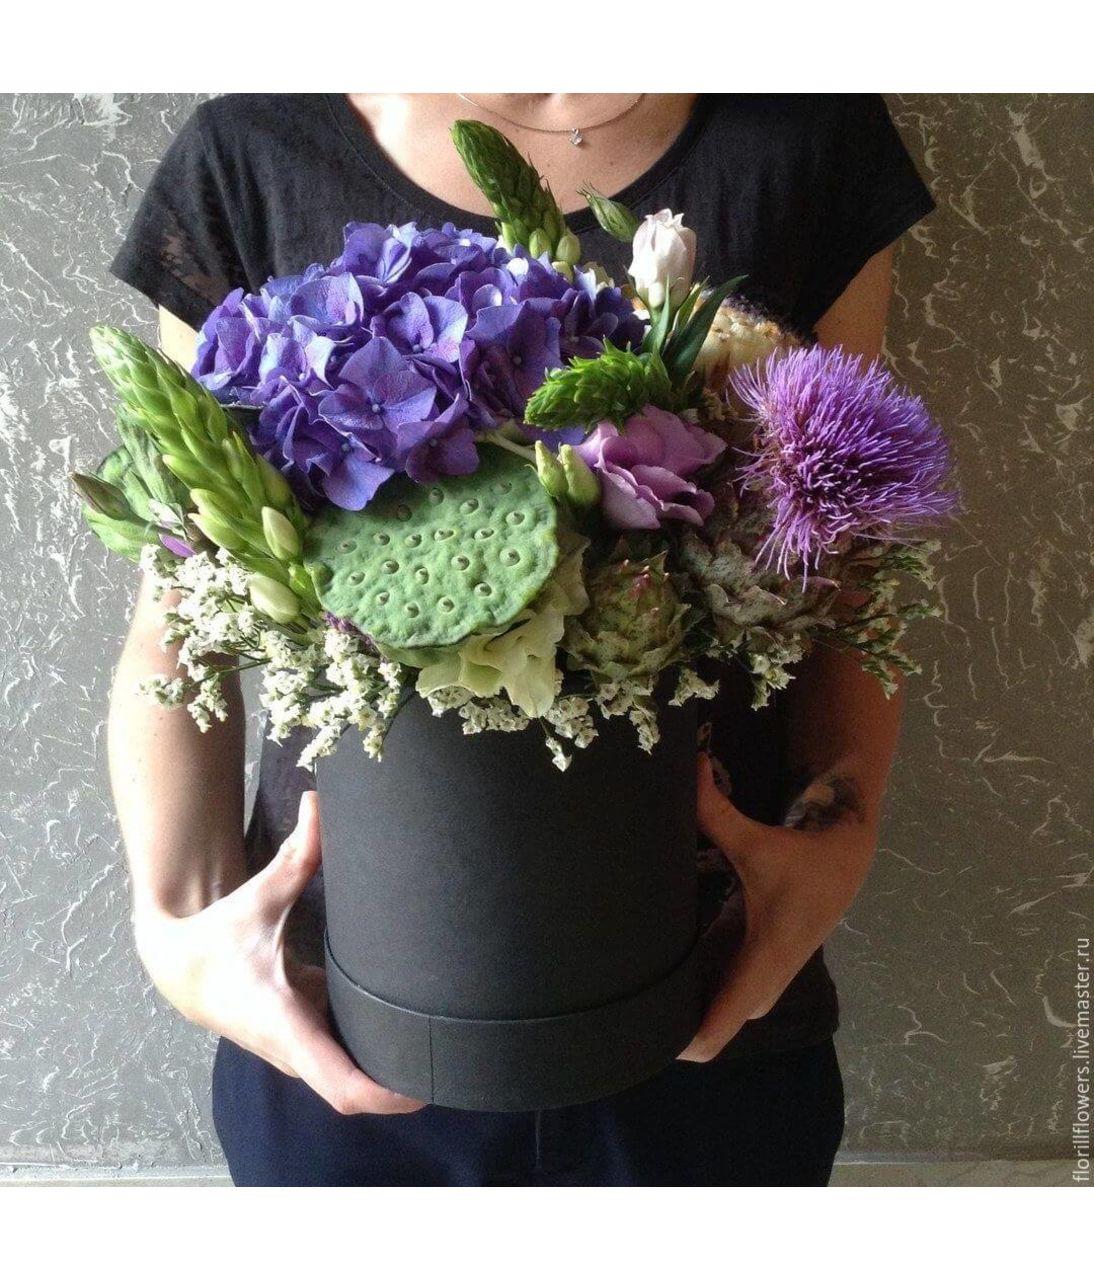 Букет в коробке для мужчины. Superflowers.com.ua. Купить цветы для мужчины в шляпной коробке